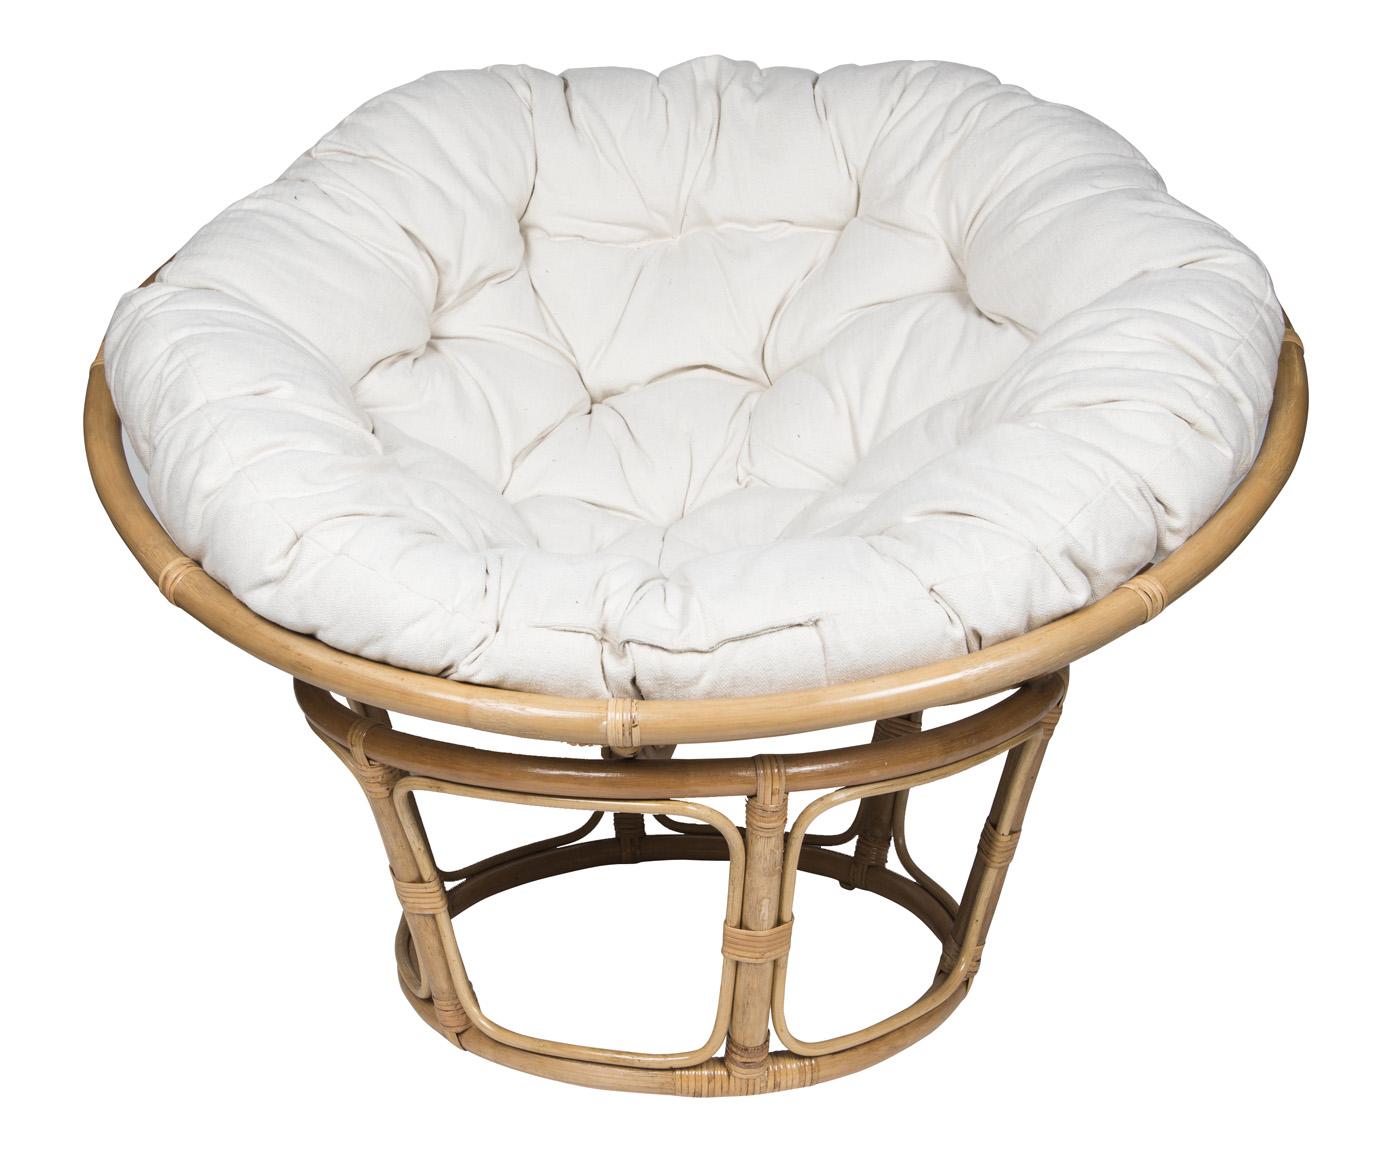 fauteuil relaxation boule rotin Résultat Supérieur 50 Incroyable Fauteuil Osier Rond Galerie 2017 Gst3